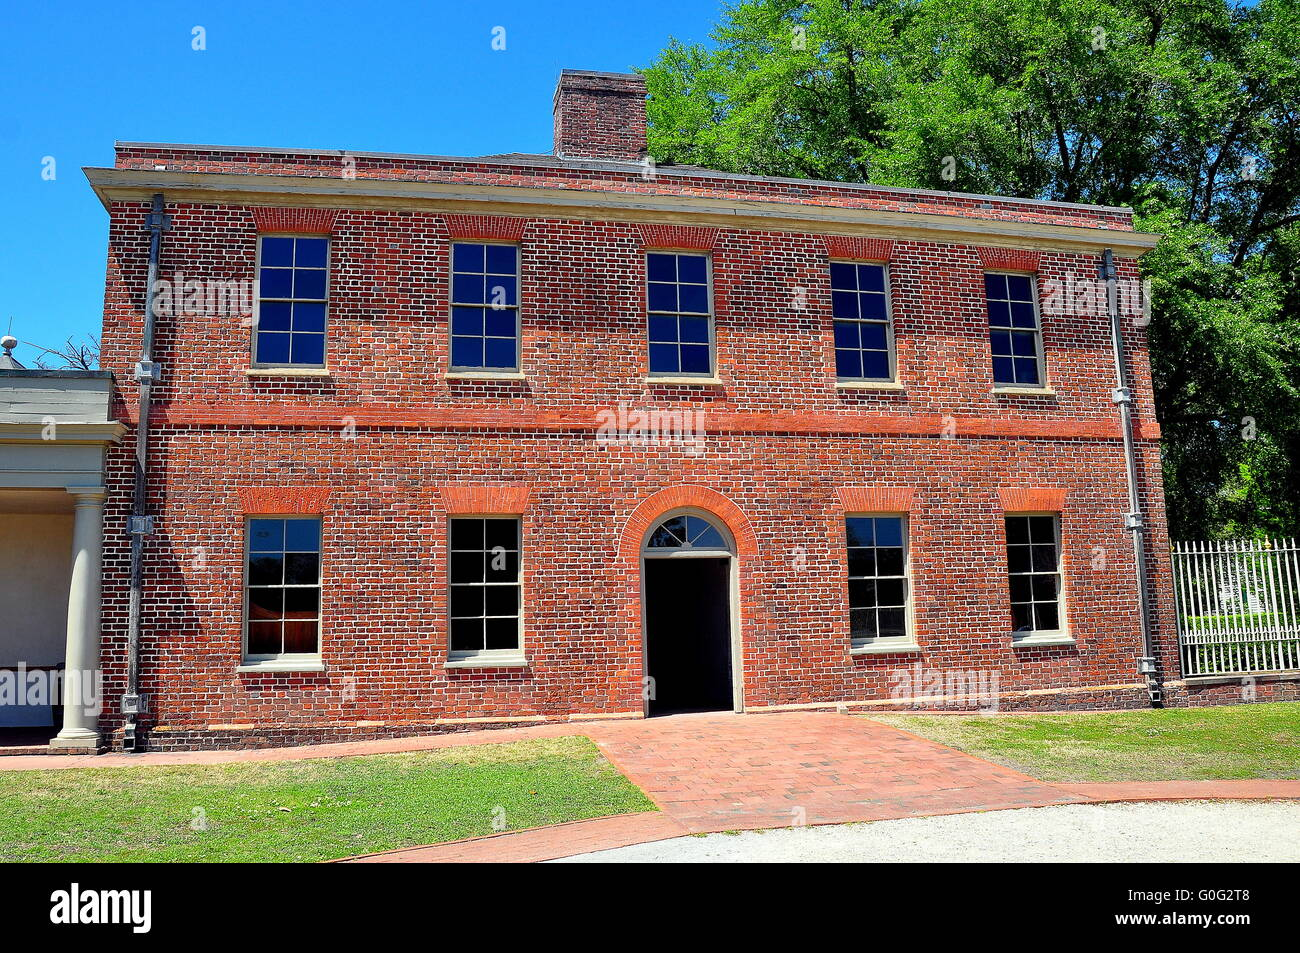 New Bern, North Carolina :   Georgian brick Stables Wing at historic 1770 Tryon Palace * - Stock Image